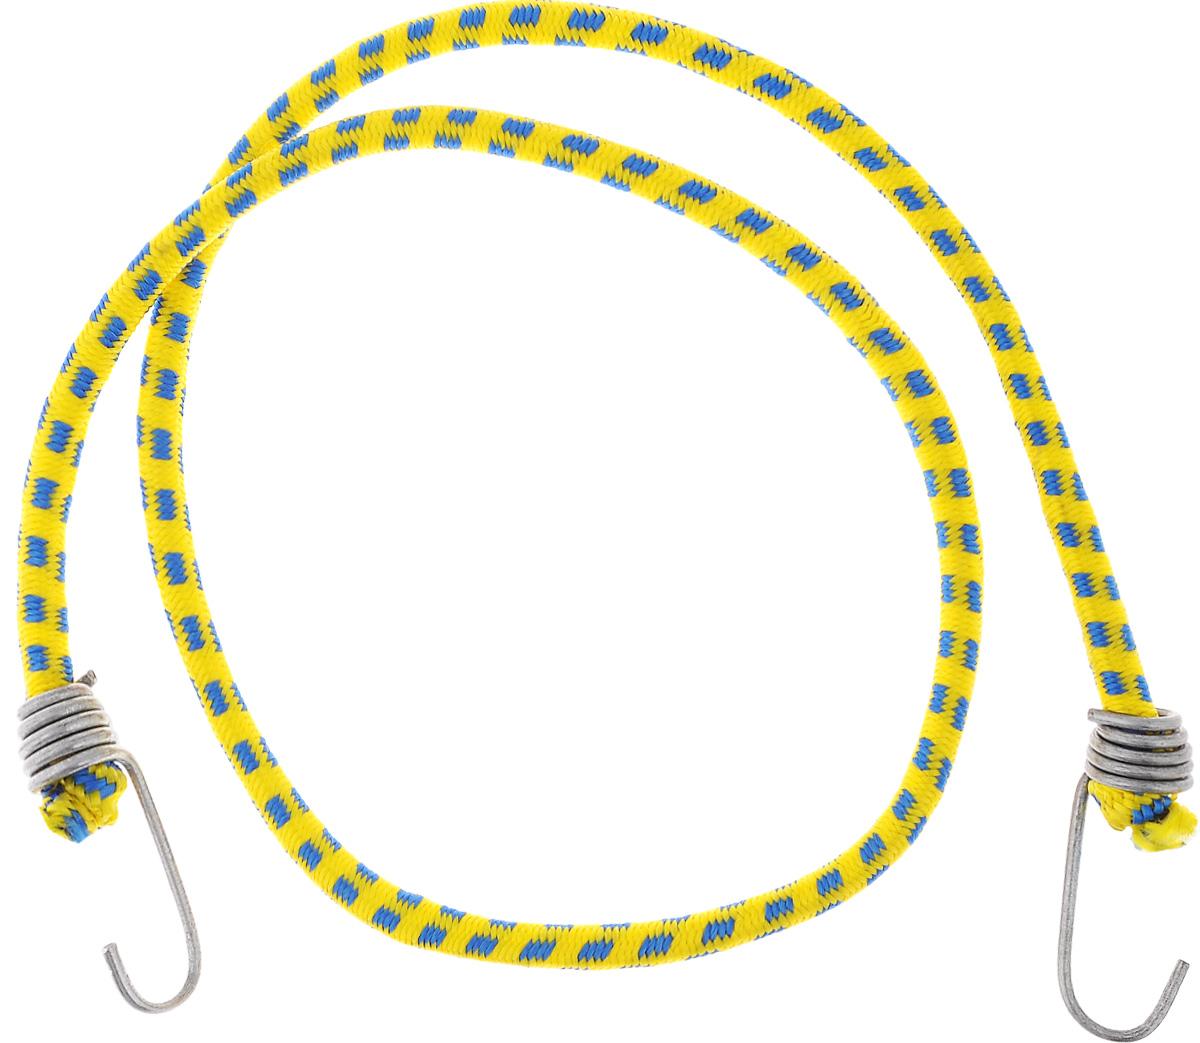 Резинка багажная МастерПроф, с крючками, цвет: желтый, синий, 0,10 х 110 см. АС.020023WH18DSDLБагажная резинка МастерПроф, выполненная из синтетического каучука, оснащена специальными металлическими крюками, которые обеспечивают прочное крепление и не допускают смещения груза во время его перевозки. Применяется для закрепления предметов к багажнику. Такая резинка позволит зафиксировать как небольшой груз, так и довольно габаритный.Материал: синтетический каучук.Температура использования: -15°C до +50°C.Безопасное удлинение: 60%.Диаметр резинки: 0,10 см.Длина резинки: 110 см.